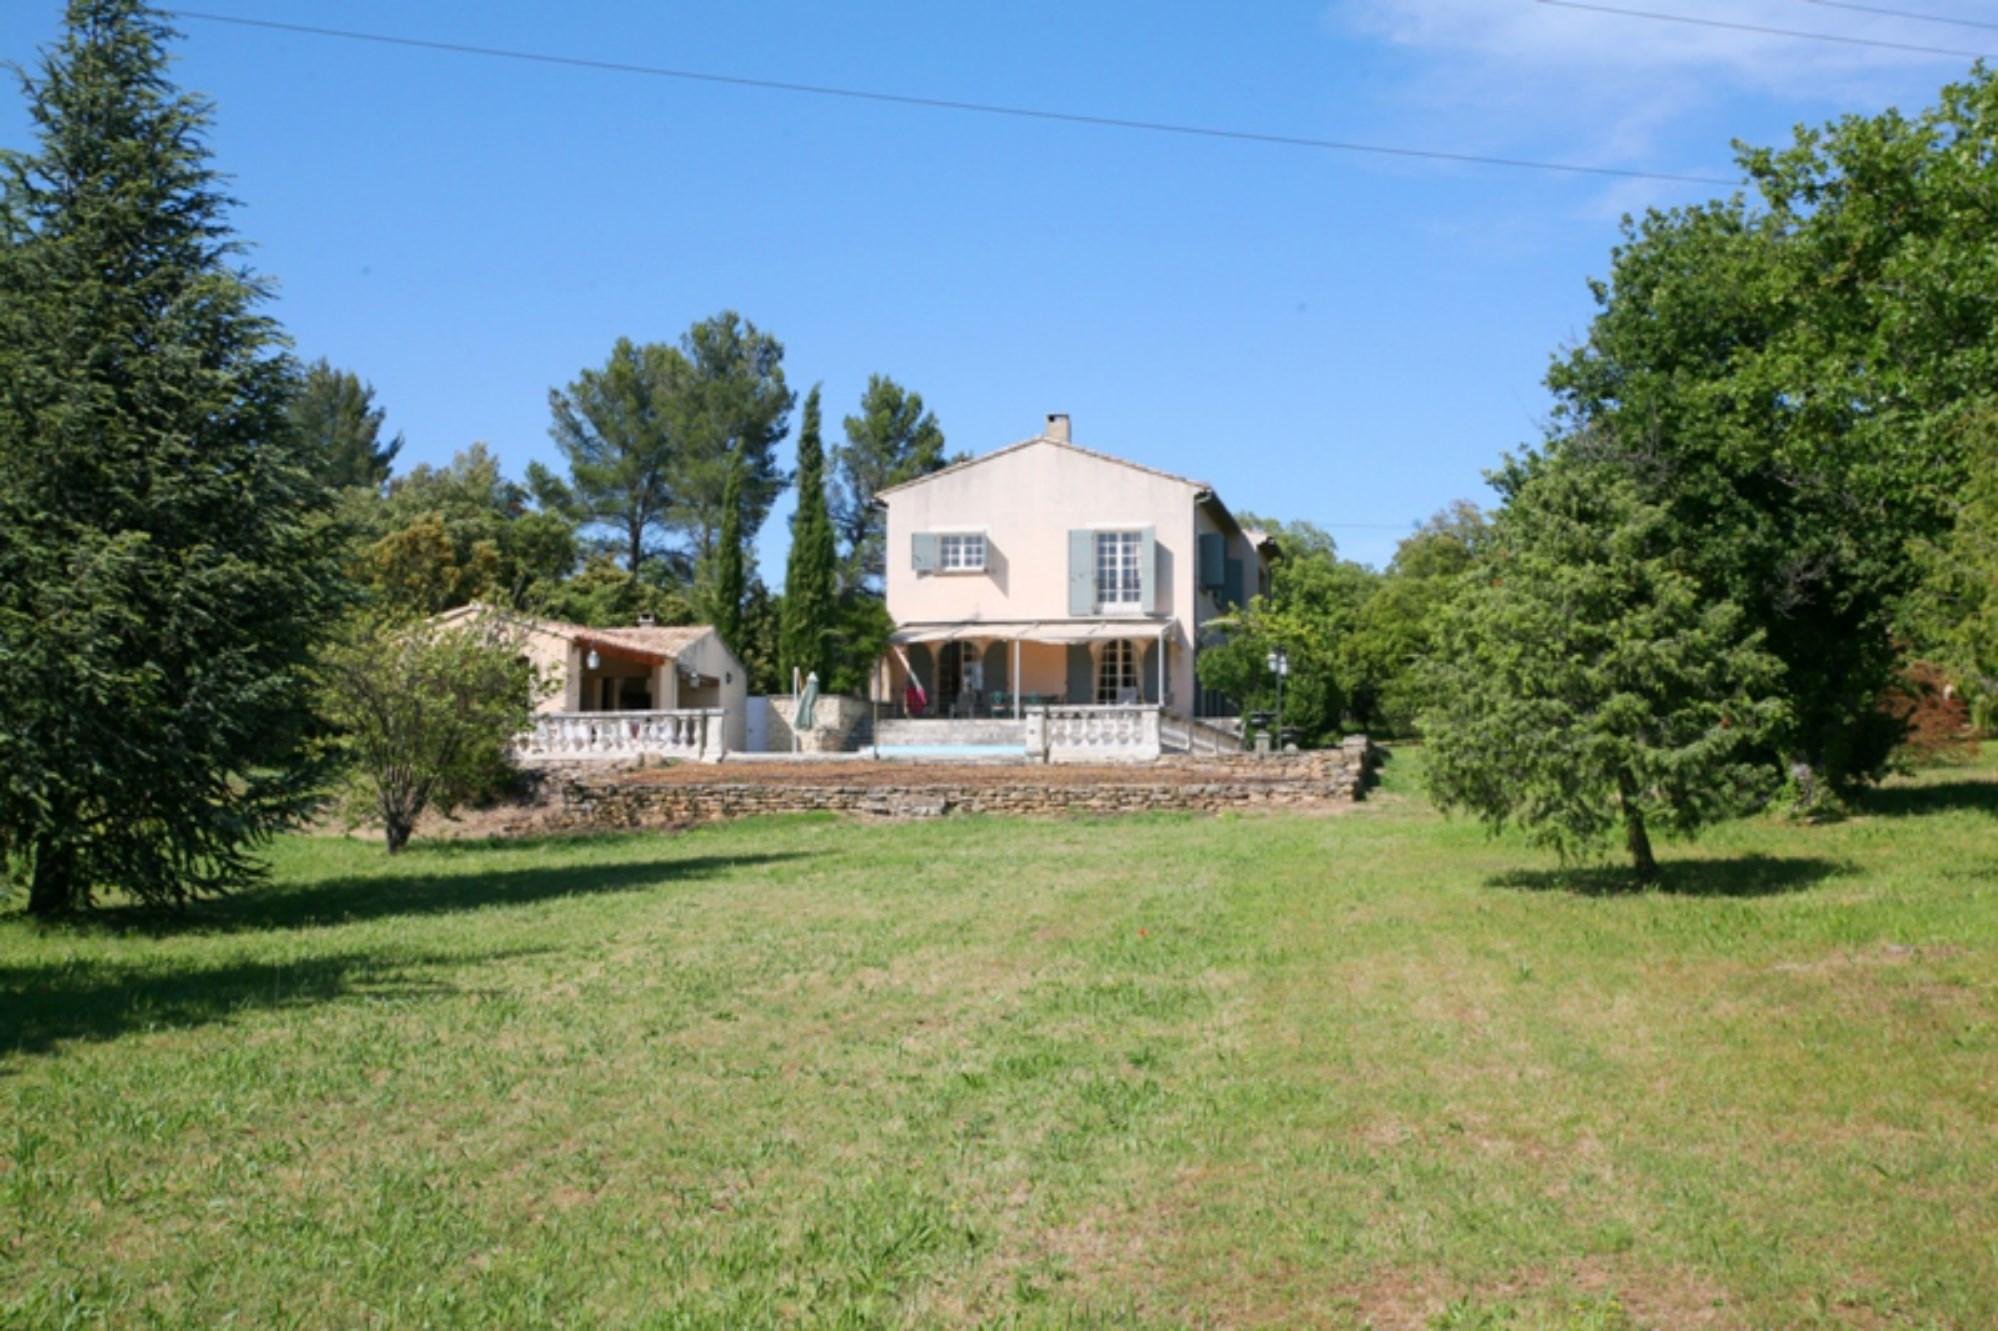 Ventes maison proven ale avec piscine et terrasse avec vue for Camping luberon avec piscine